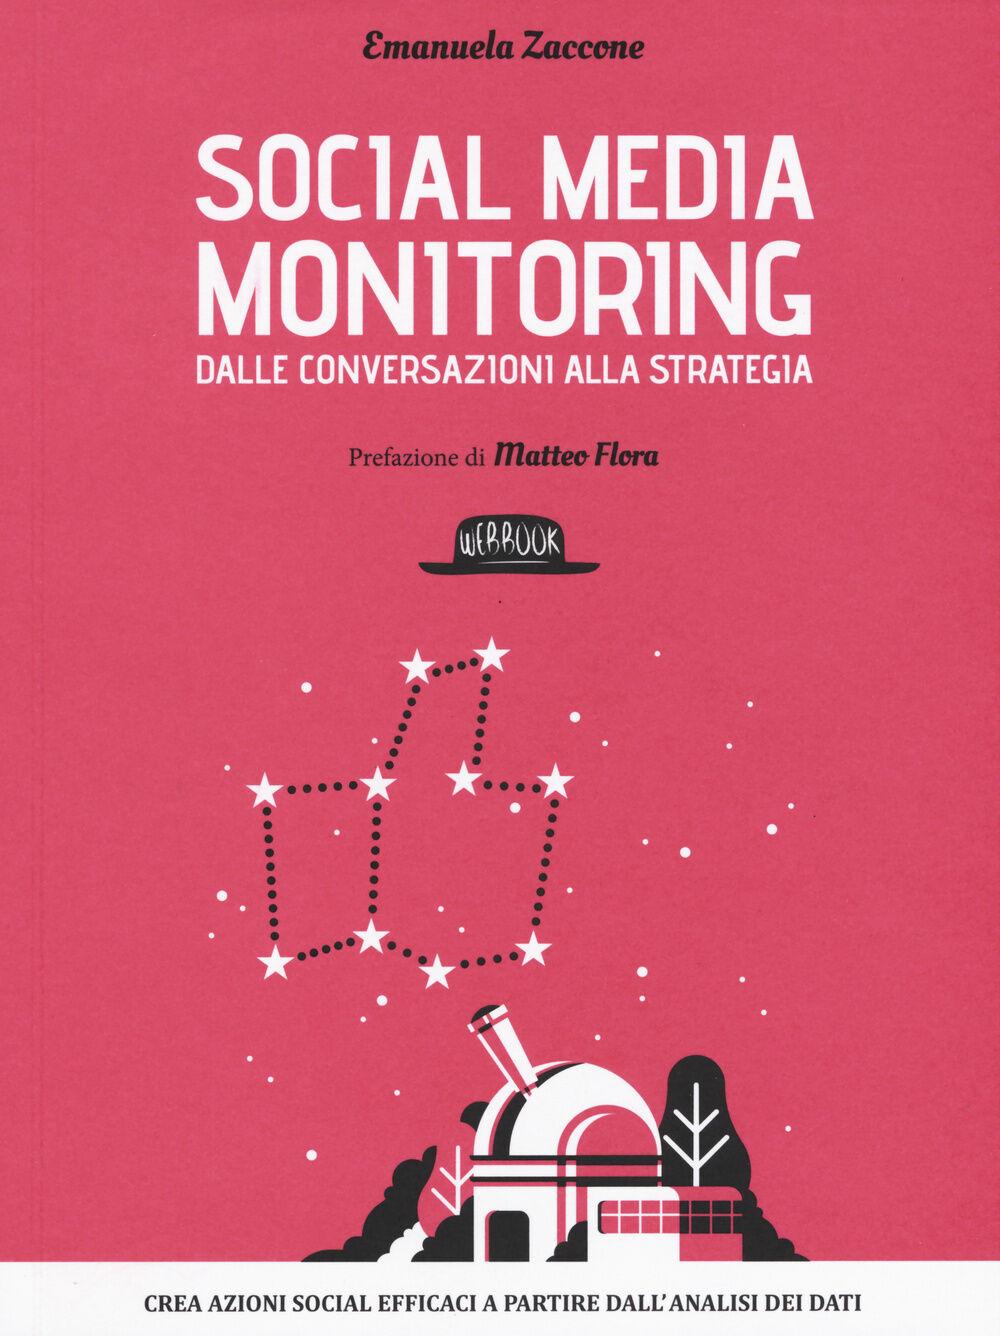 Social media monitoring dalle conversazioni alla strategia. Crea azioni social efficaci a partire dall'analisi dei dati